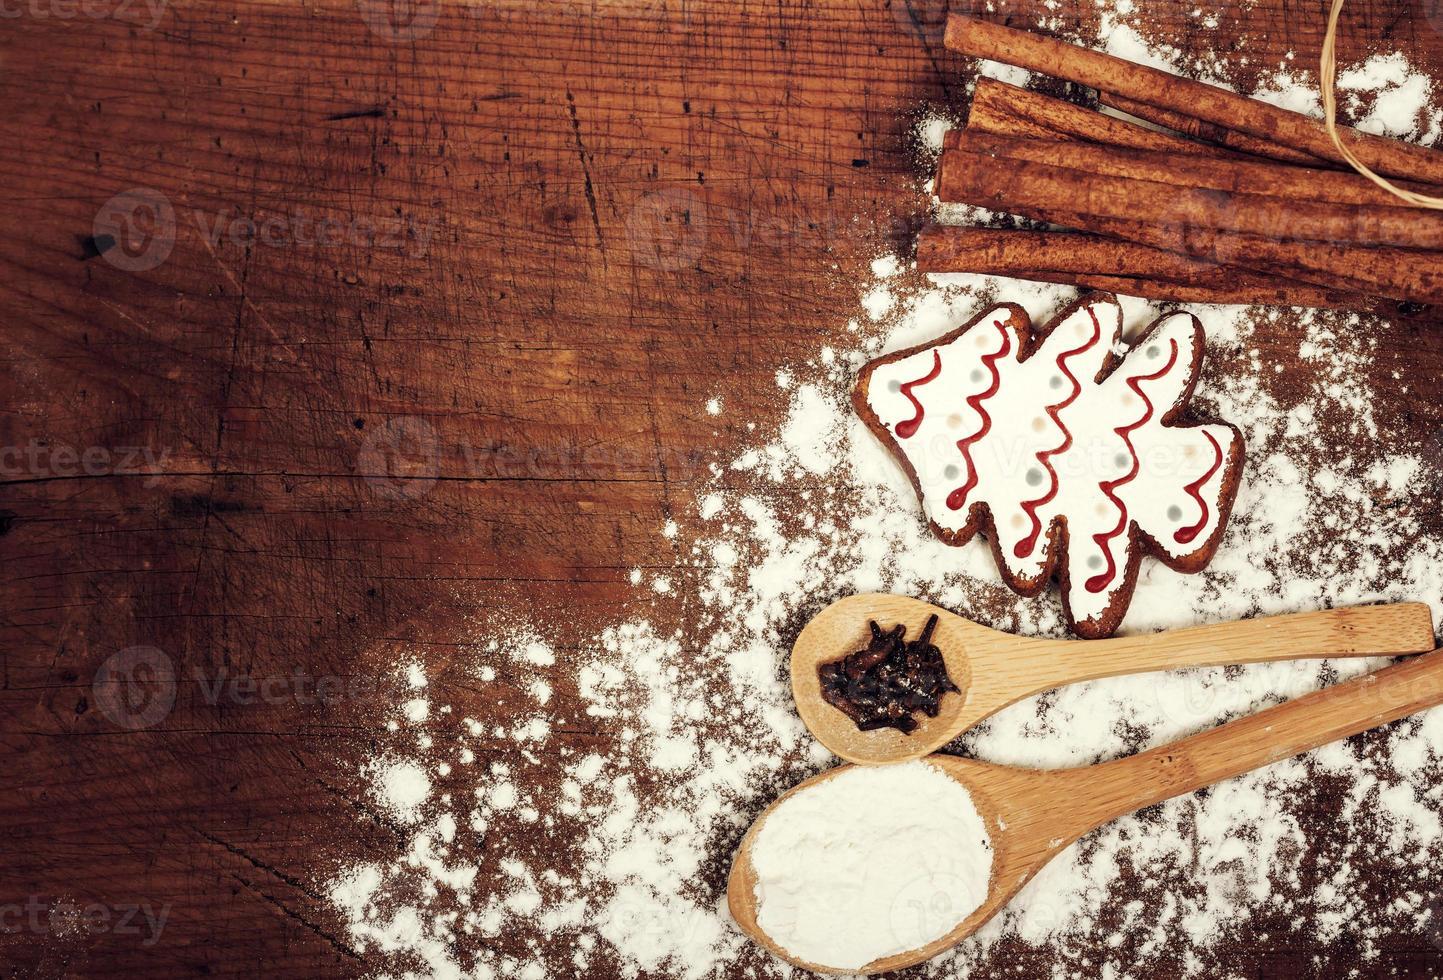 Galletas de Navidad, especias y harina en la tabla de cortar de madera foto